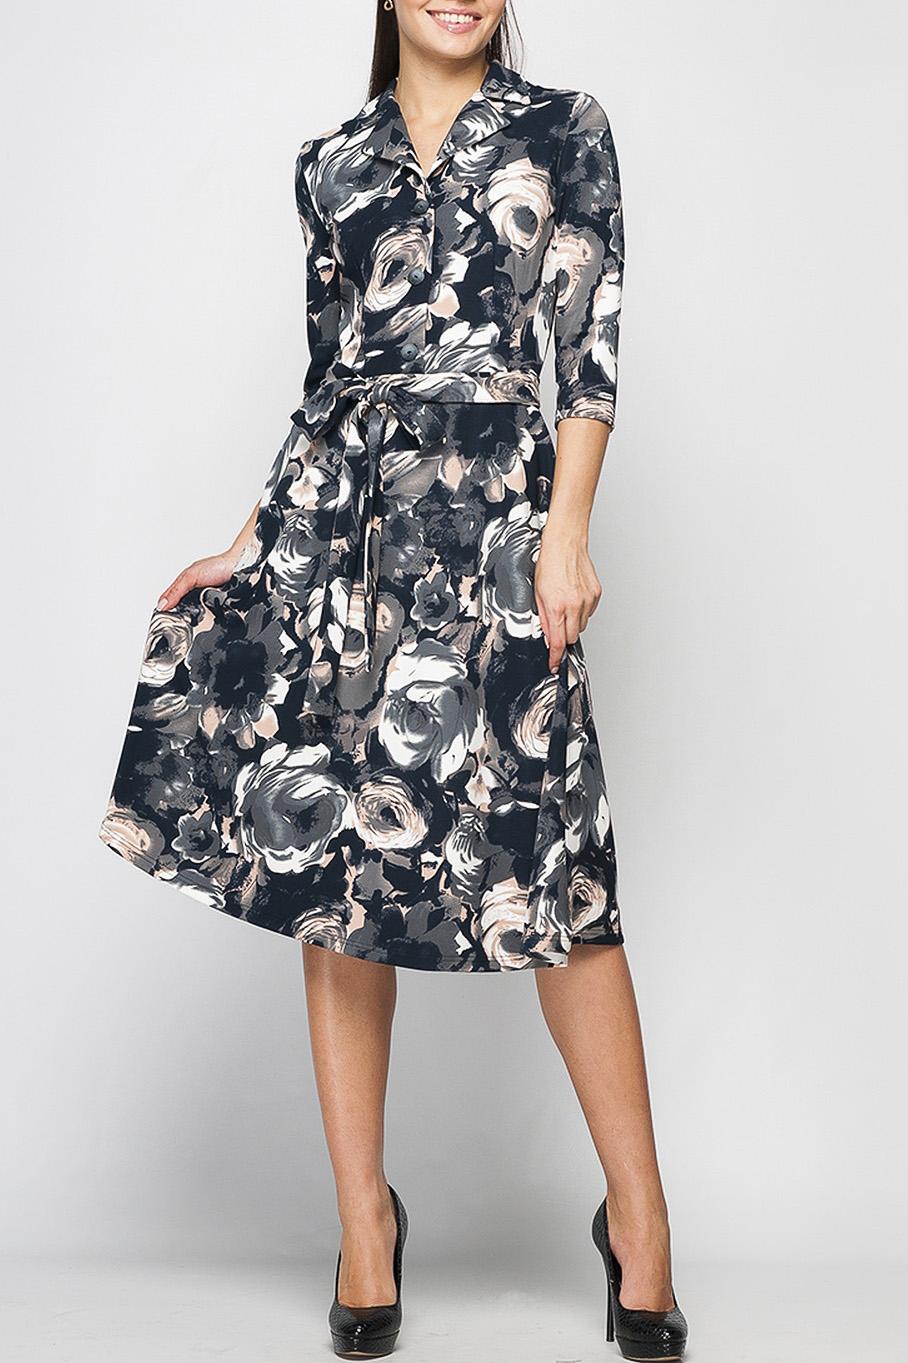 ПлатьеПлатья<br>Классическое платье из приятной плательной ткани. Данная модель выгодно подчеркнет Вашу талию и позволит быть не только привлекательной, но и ощущать себя комфортно целый день, отложной воротничок и застежка из пуговиц добавляет свою изюминку. В комплекте к платью идет пояс из основной ткани.   Параметры изделия:  42 размер: обхват груди - 88 см, обхват талии - 72 см, длина рукава - 41 см, длина изделия - 104 см;  44 размер: обхват груди - 92 см, обхват талии - 80 см, длина рукава - 41 см, длина изделия - 104 см;  52 размер: обхват груди - 108 см, обхват талии - 96 см, длина рукава - 42 см, длина изделия - 109 см.  Цвет: иссиня-черный, молочный и др.  Рост девушки-фотомодели 170 см<br><br>Воротник: Отложной<br>Горловина: V- горловина<br>Рукав: Рукав три четверти<br>Длина: Ниже колена<br>Материал: Тканевые<br>Рисунок: Растительные мотивы,С принтом,Цветные,Цветочные<br>Сезон: Весна,Осень<br>Силуэт: Полуприталенные,Приталенные<br>Стиль: Повседневный стиль<br>Форма: Платье - трапеция<br>Элементы: С воротником,Со складками<br>Размер : 42,44,48,50<br>Материал: Плательная ткань<br>Количество в наличии: 4